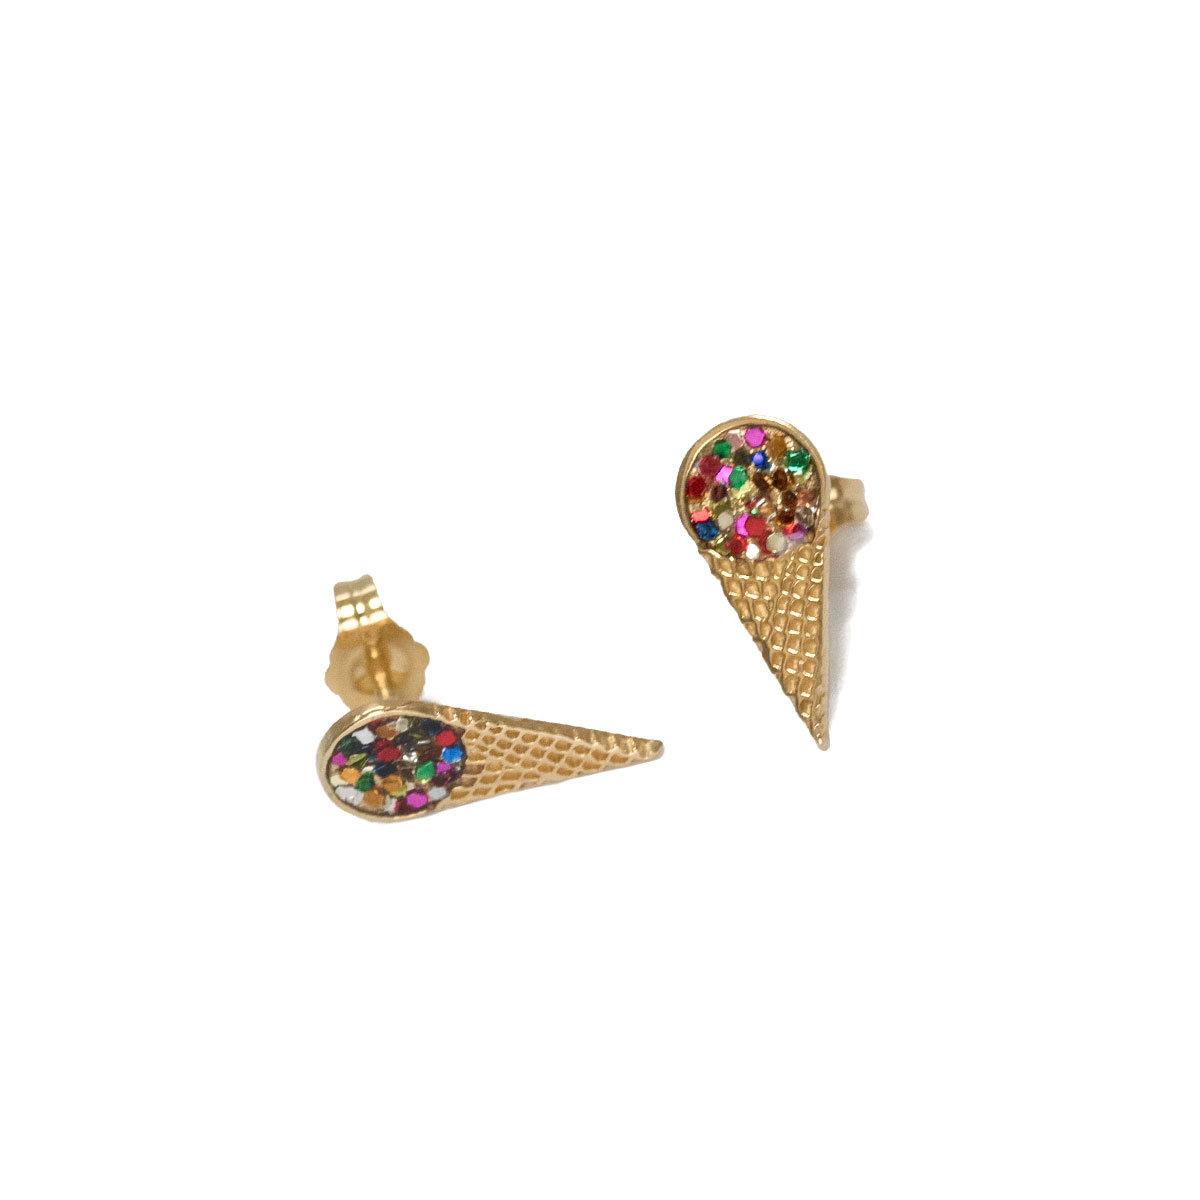 Glaces D'oreilles Boucles Boucles D'oreilles Multicolores Glaces Multicolores hdrsCtQ